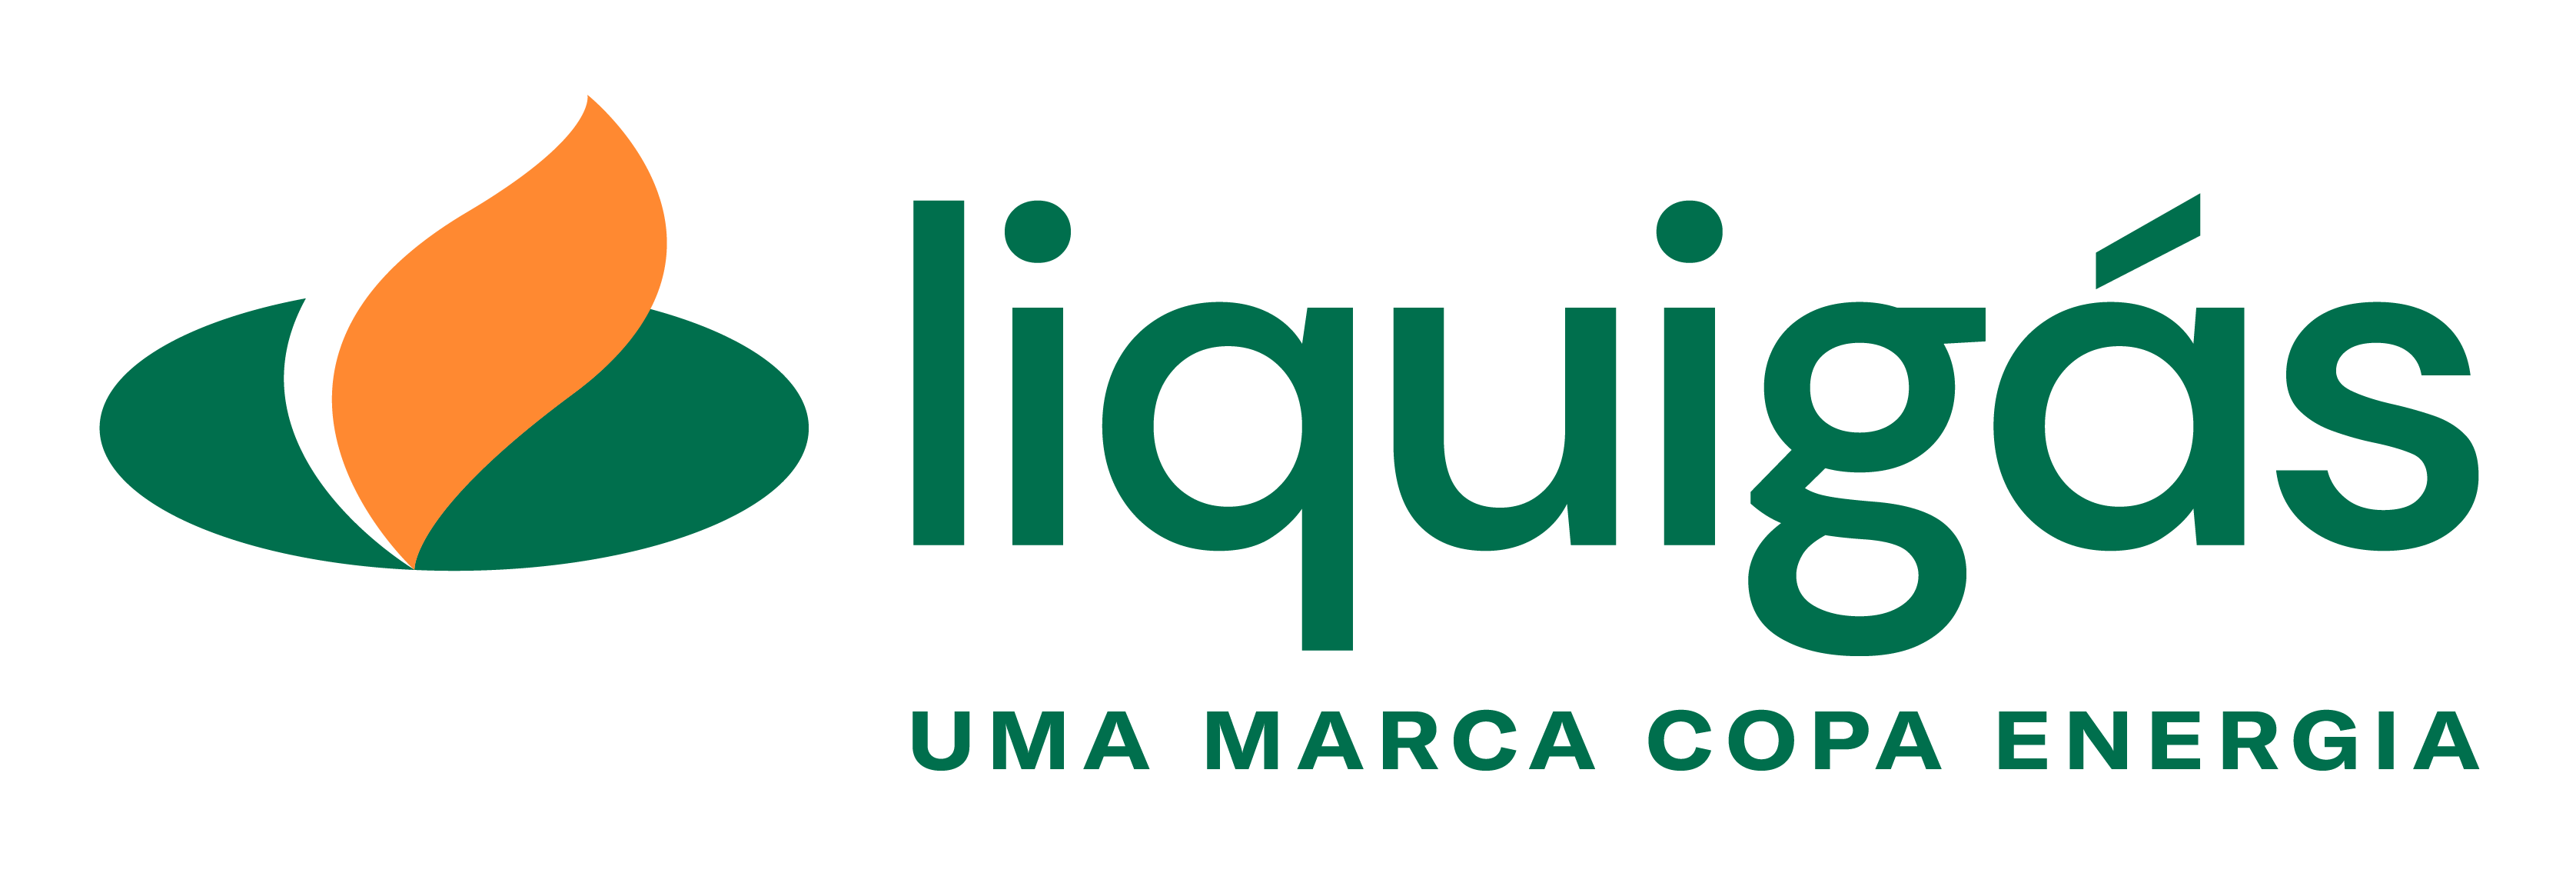 Liquigas_Copaenergia